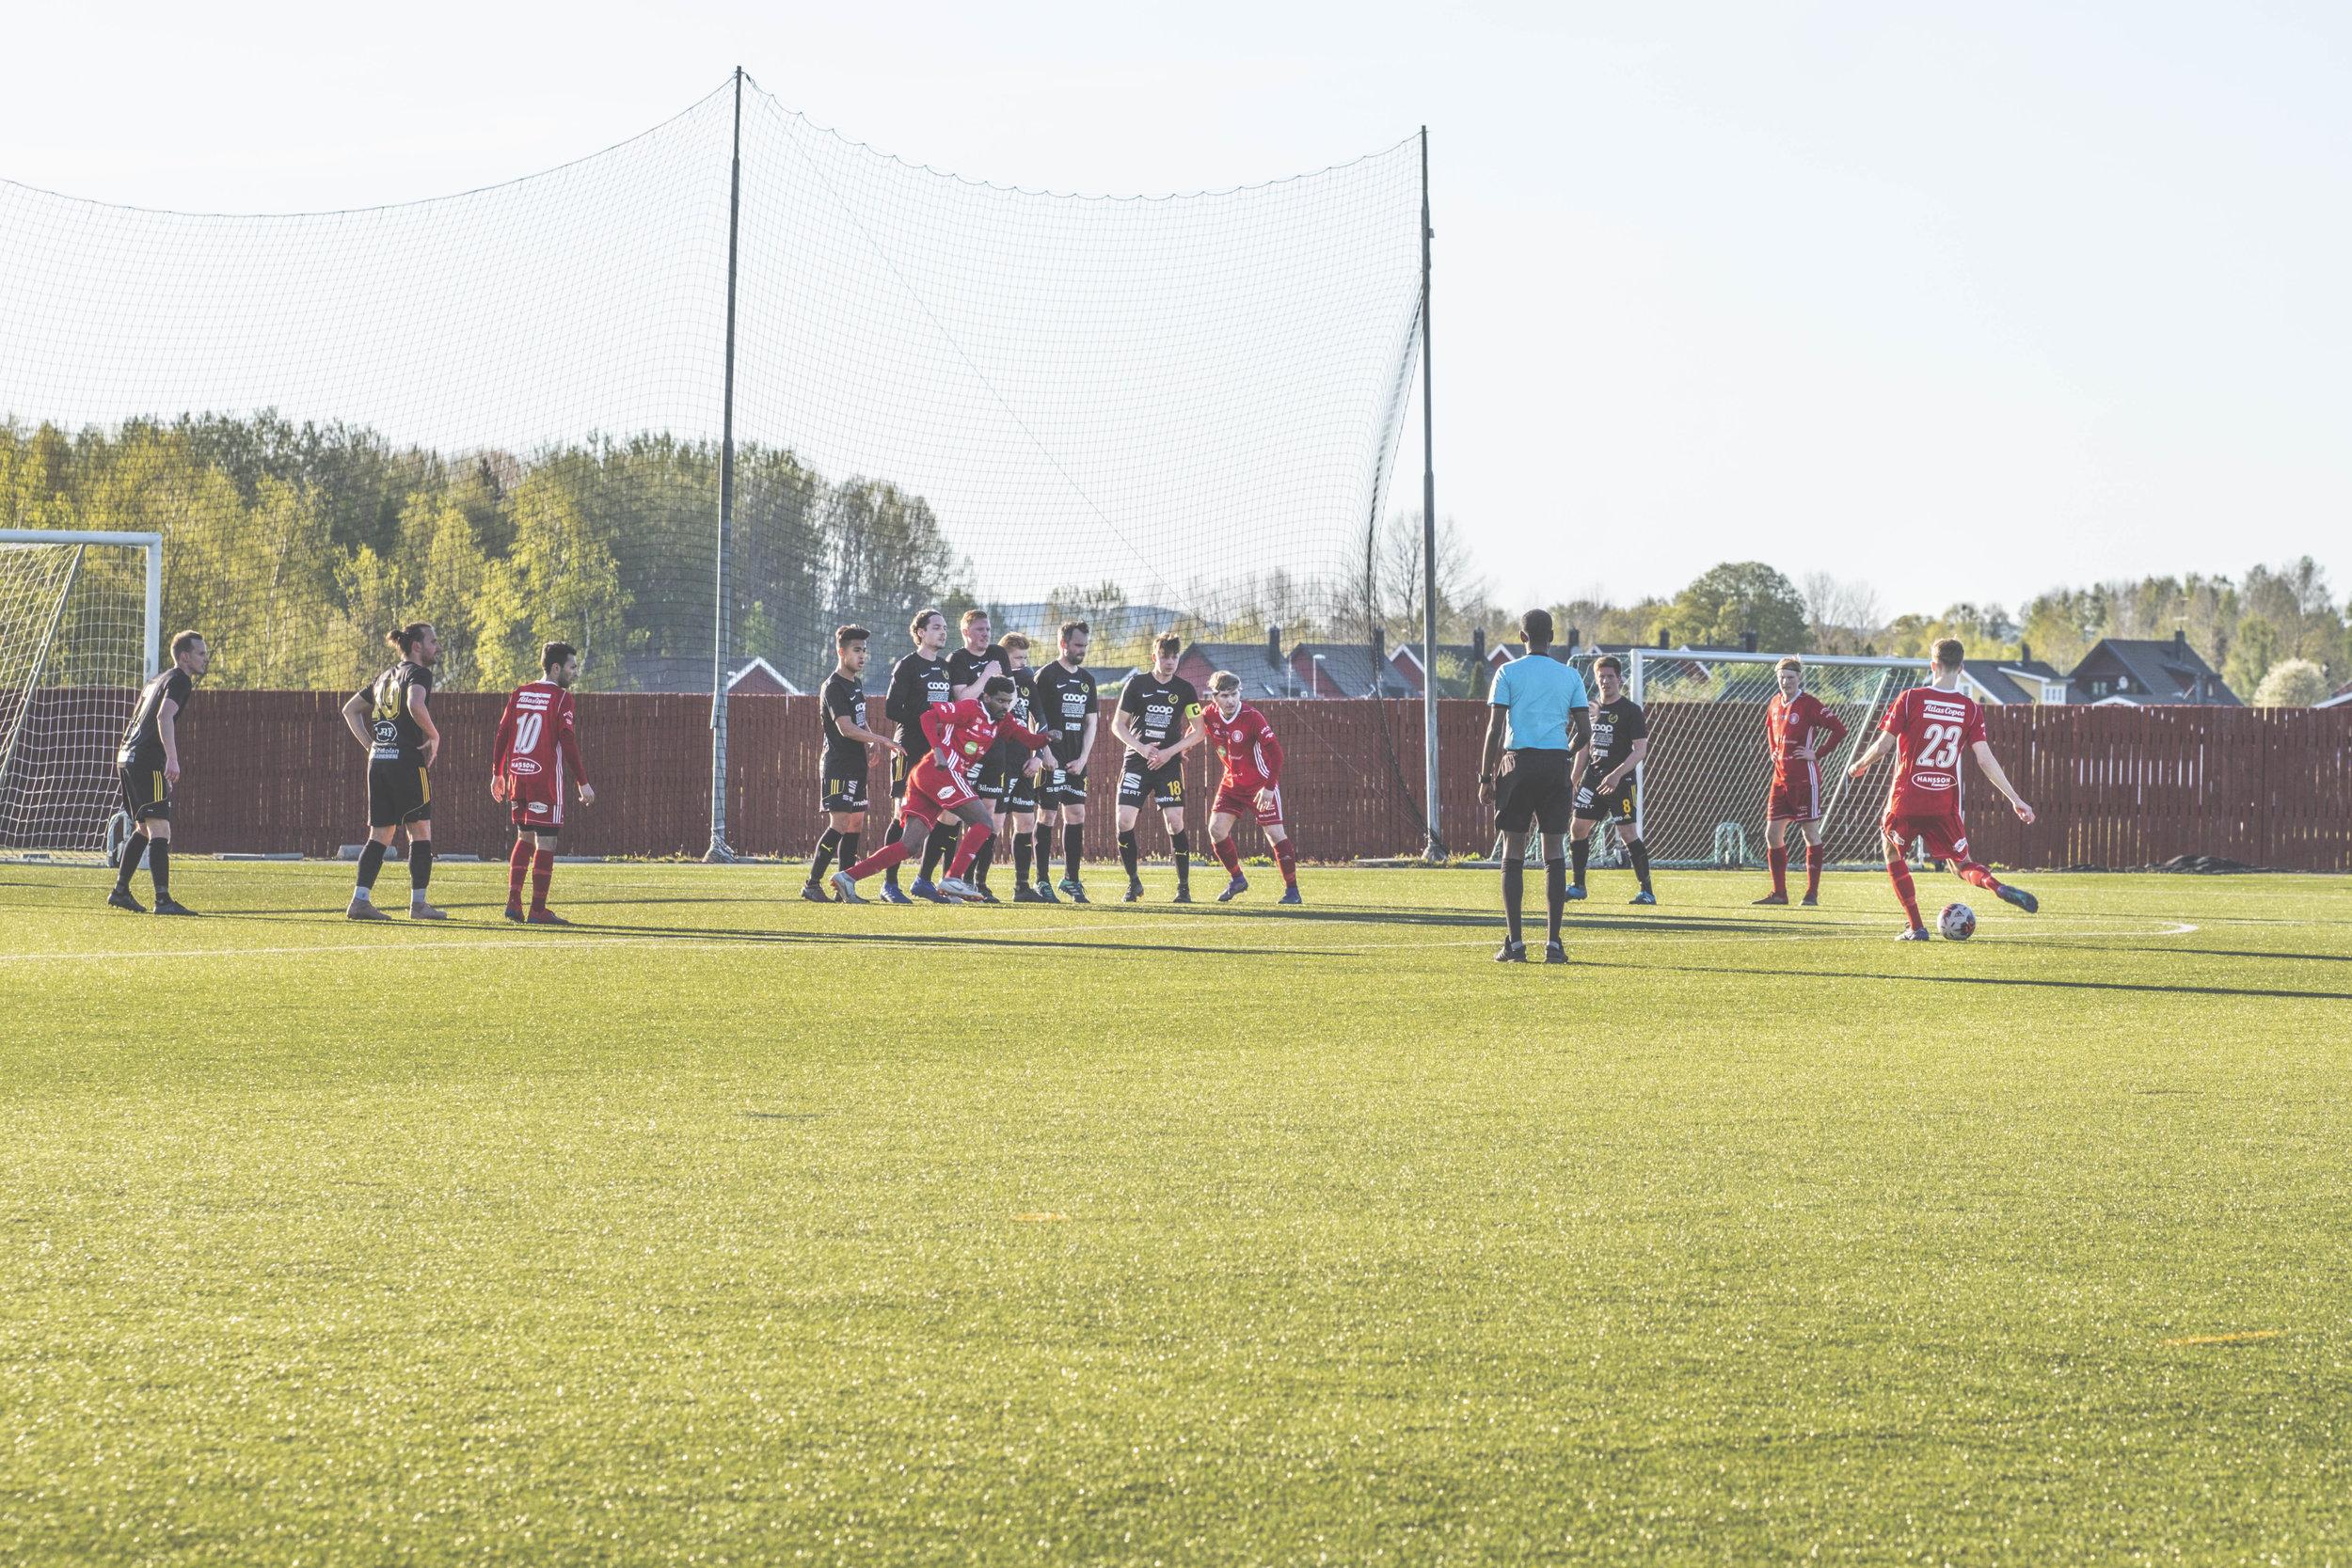 fotboll-v22-2019-0942.jpg